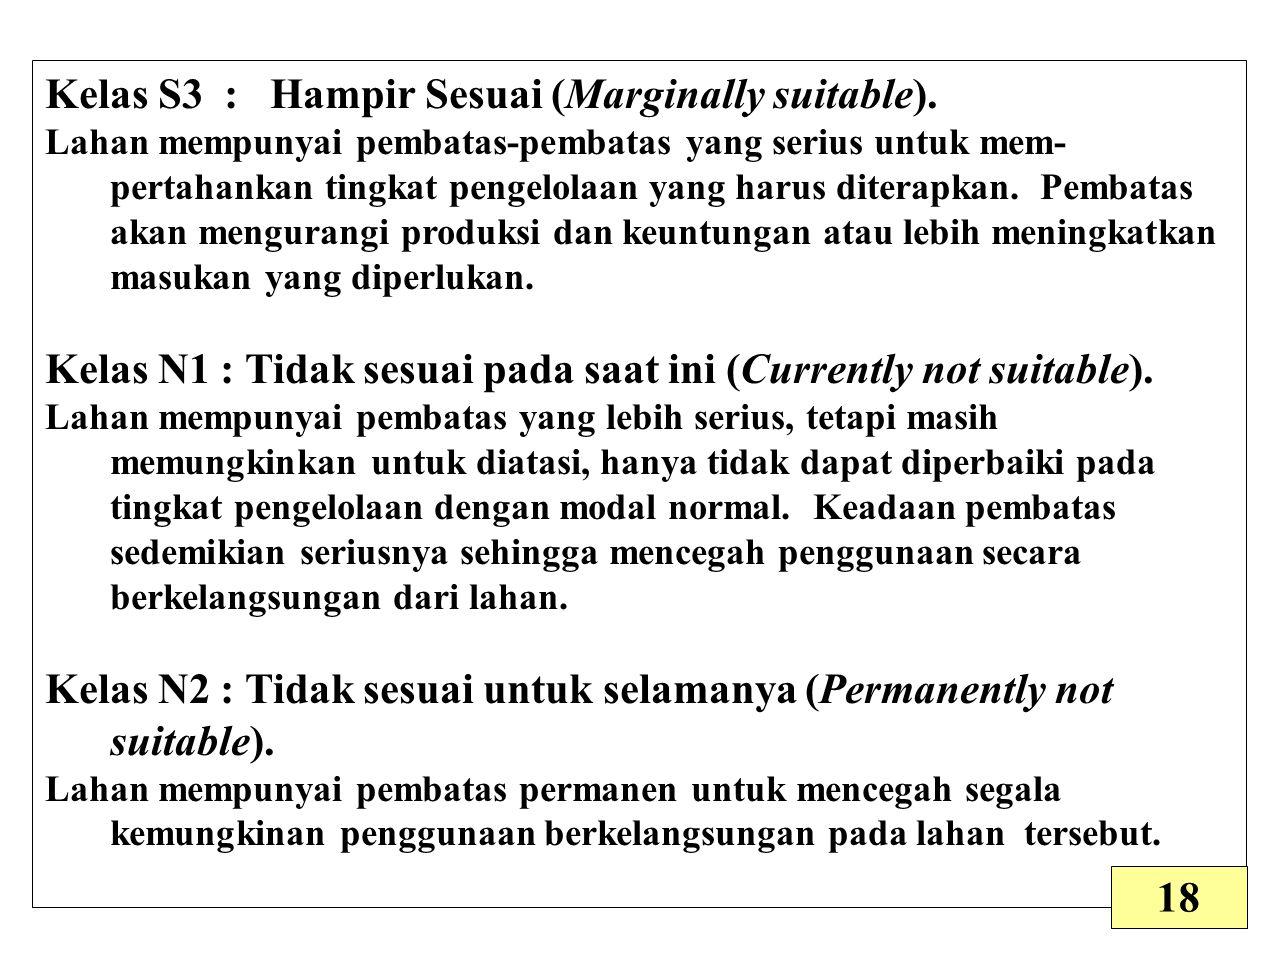 Kelas S3 : Hampir Sesuai (Marginally suitable). Lahan mempunyai pembatas-pembatas yang serius untuk mem pertahankan tingkat pengelolaan yang harus di